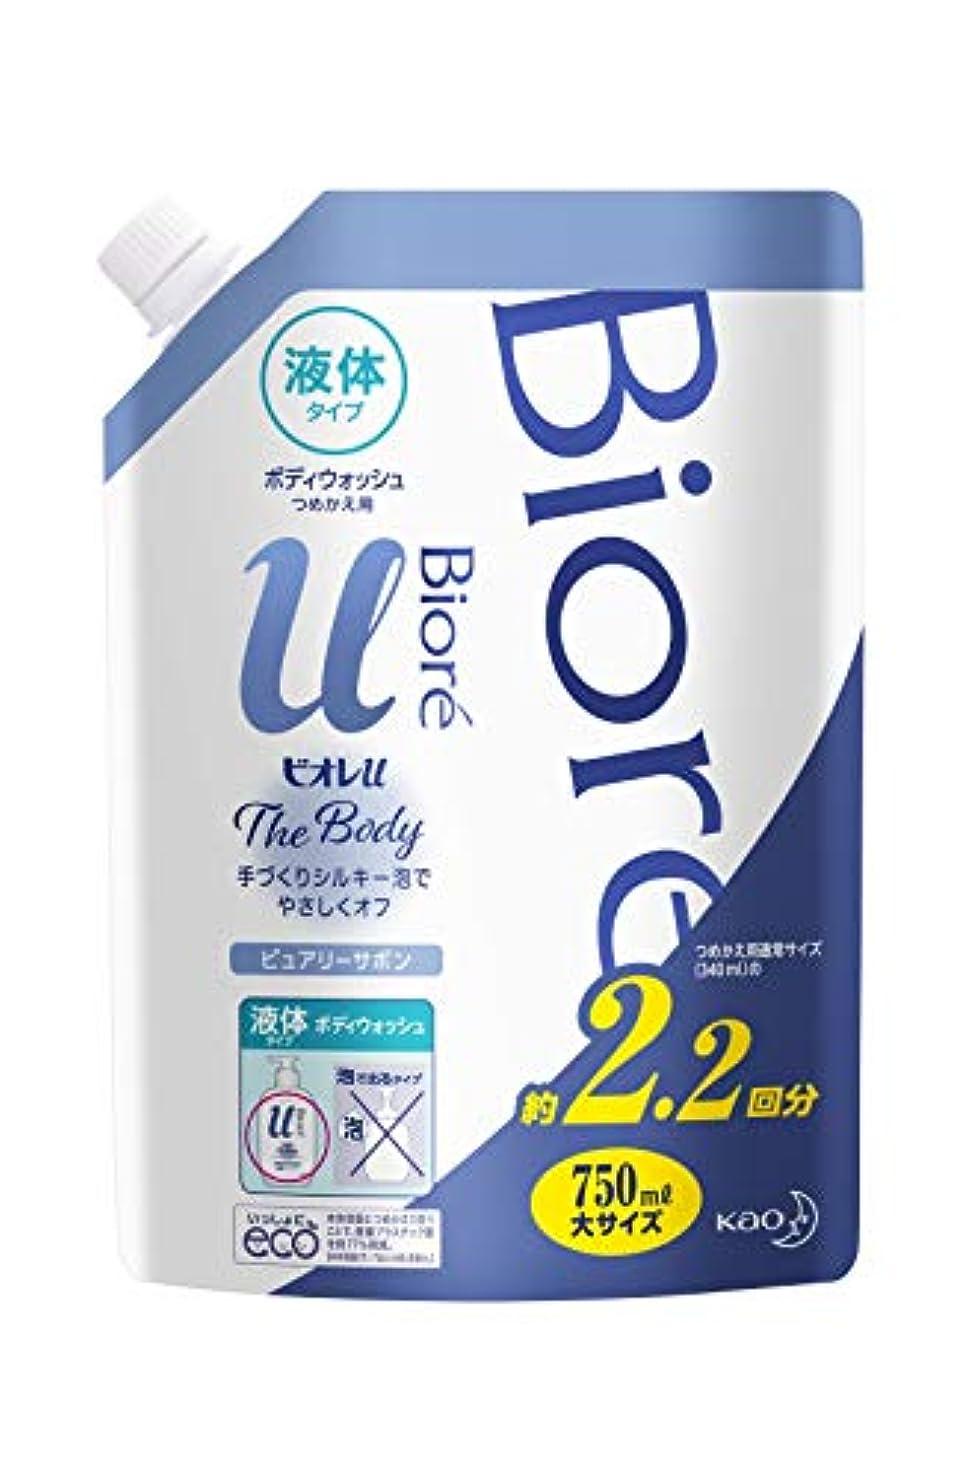 事故認める責任【大容量】 ビオレu ザ ボディ 〔 The Body 〕 液体タイプ ピュアリーサボンの香り つめかえ用 750ml 「高潤滑処方の手づくりシルキー泡」 ボディソープ 清潔感のあるピュアリーサボンの香り